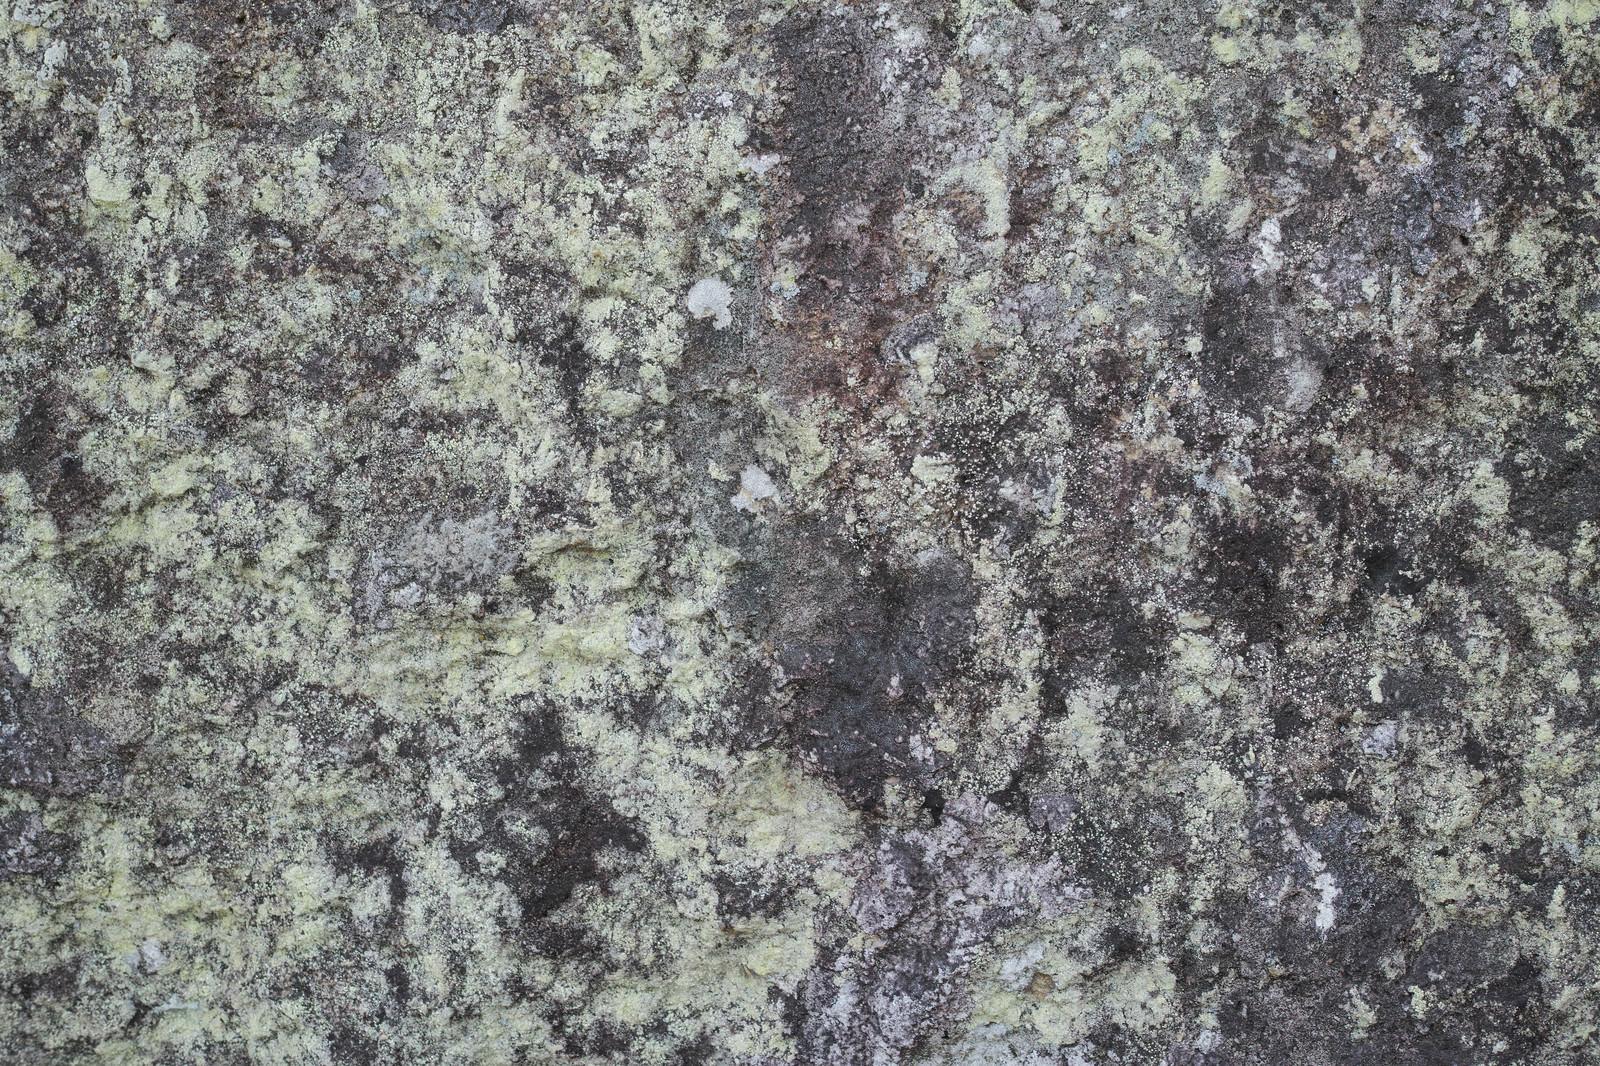 「長年の汚れが染み付く岩(テクスチャ)」の写真